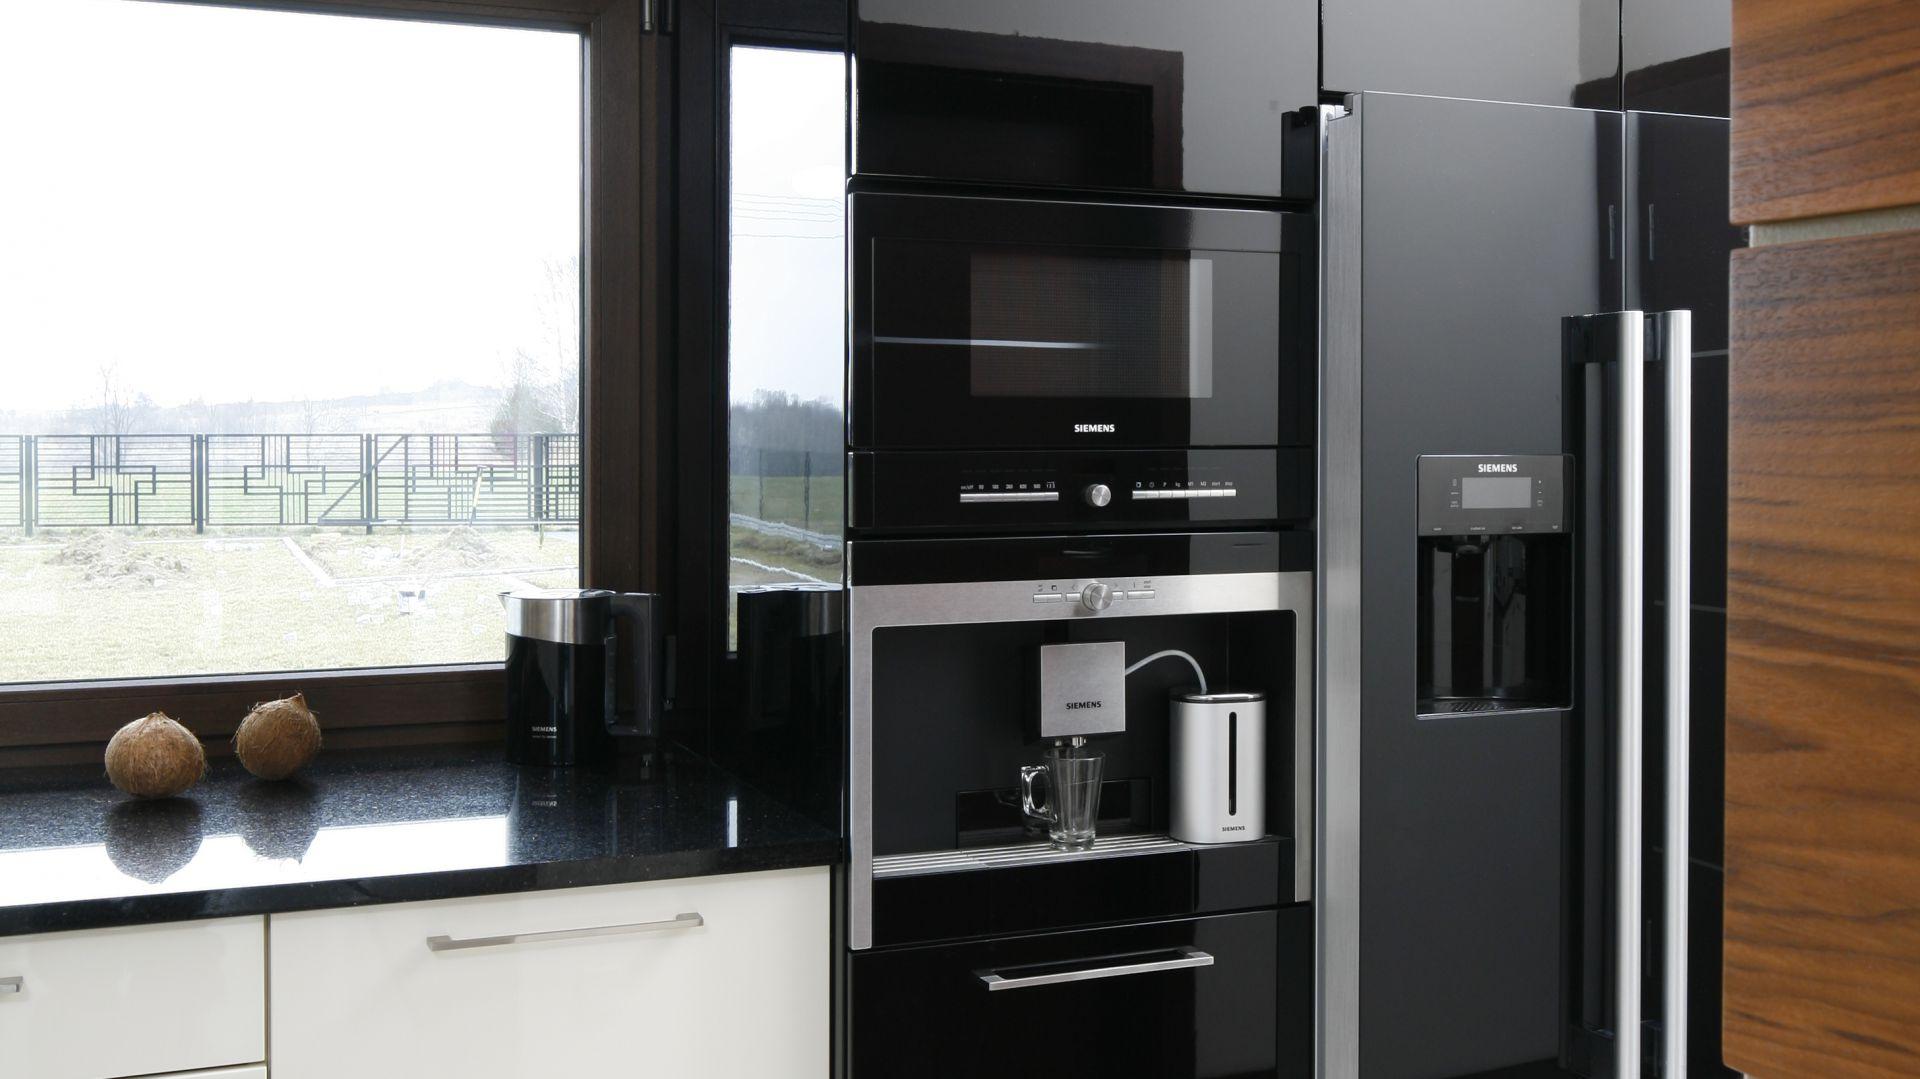 Lodówka, piekarnik i AGD w kuchni Gdzie umieścić wszystkie sprzęty?  S   -> Kuchnia Mikrofalowa Do Zabudowy Siemens